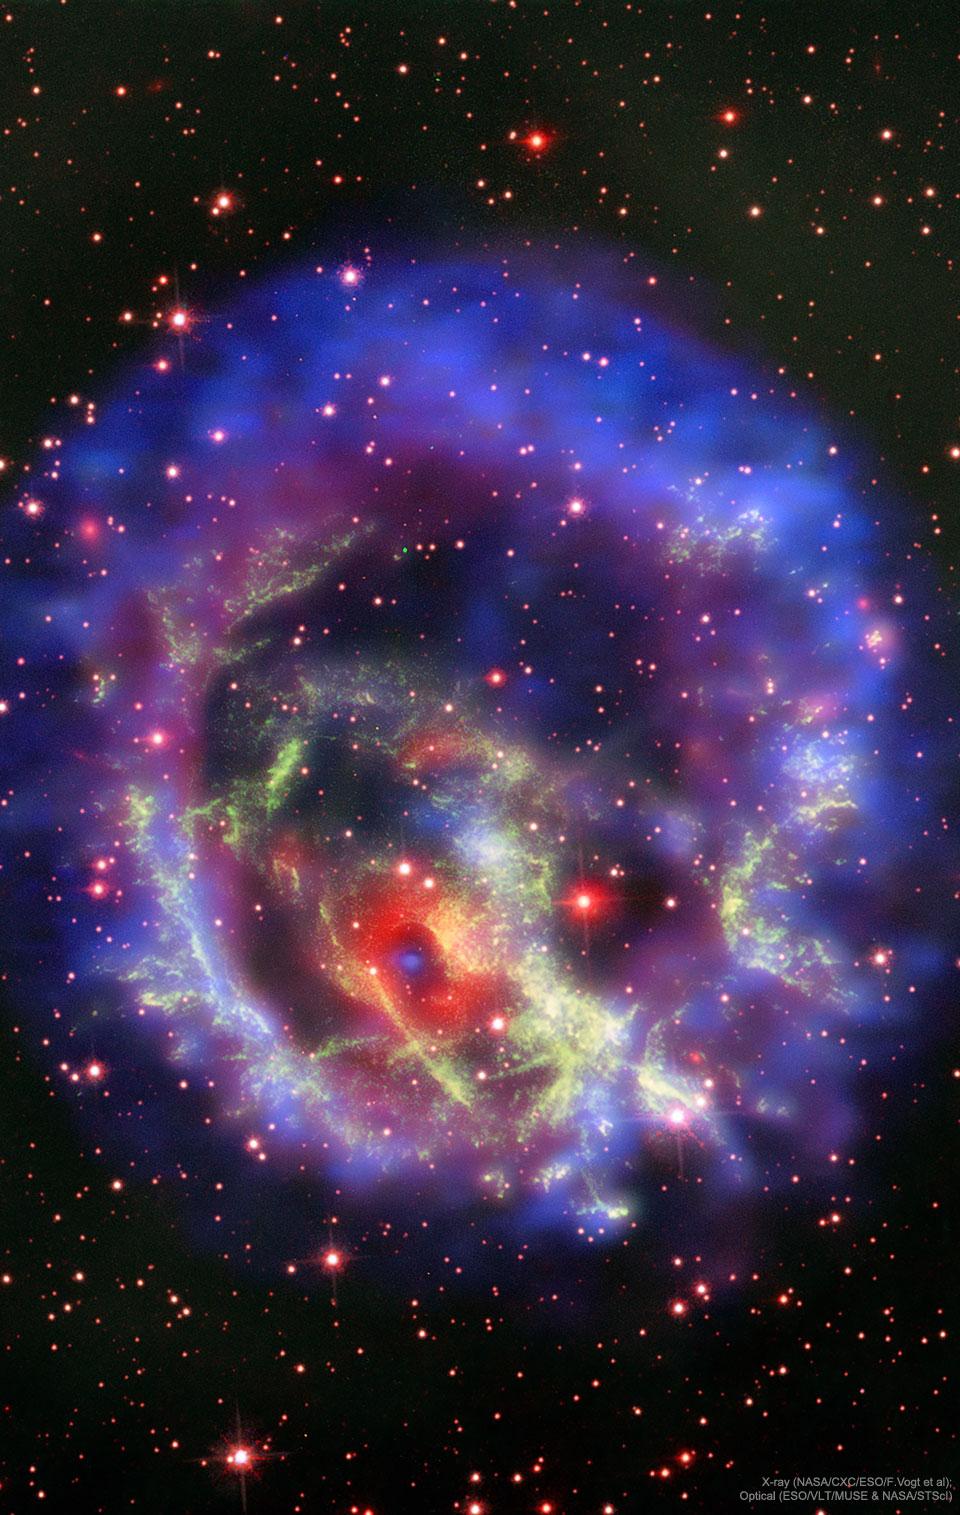 La estrella de neutrones solitaria en Supernova E0102 72.3